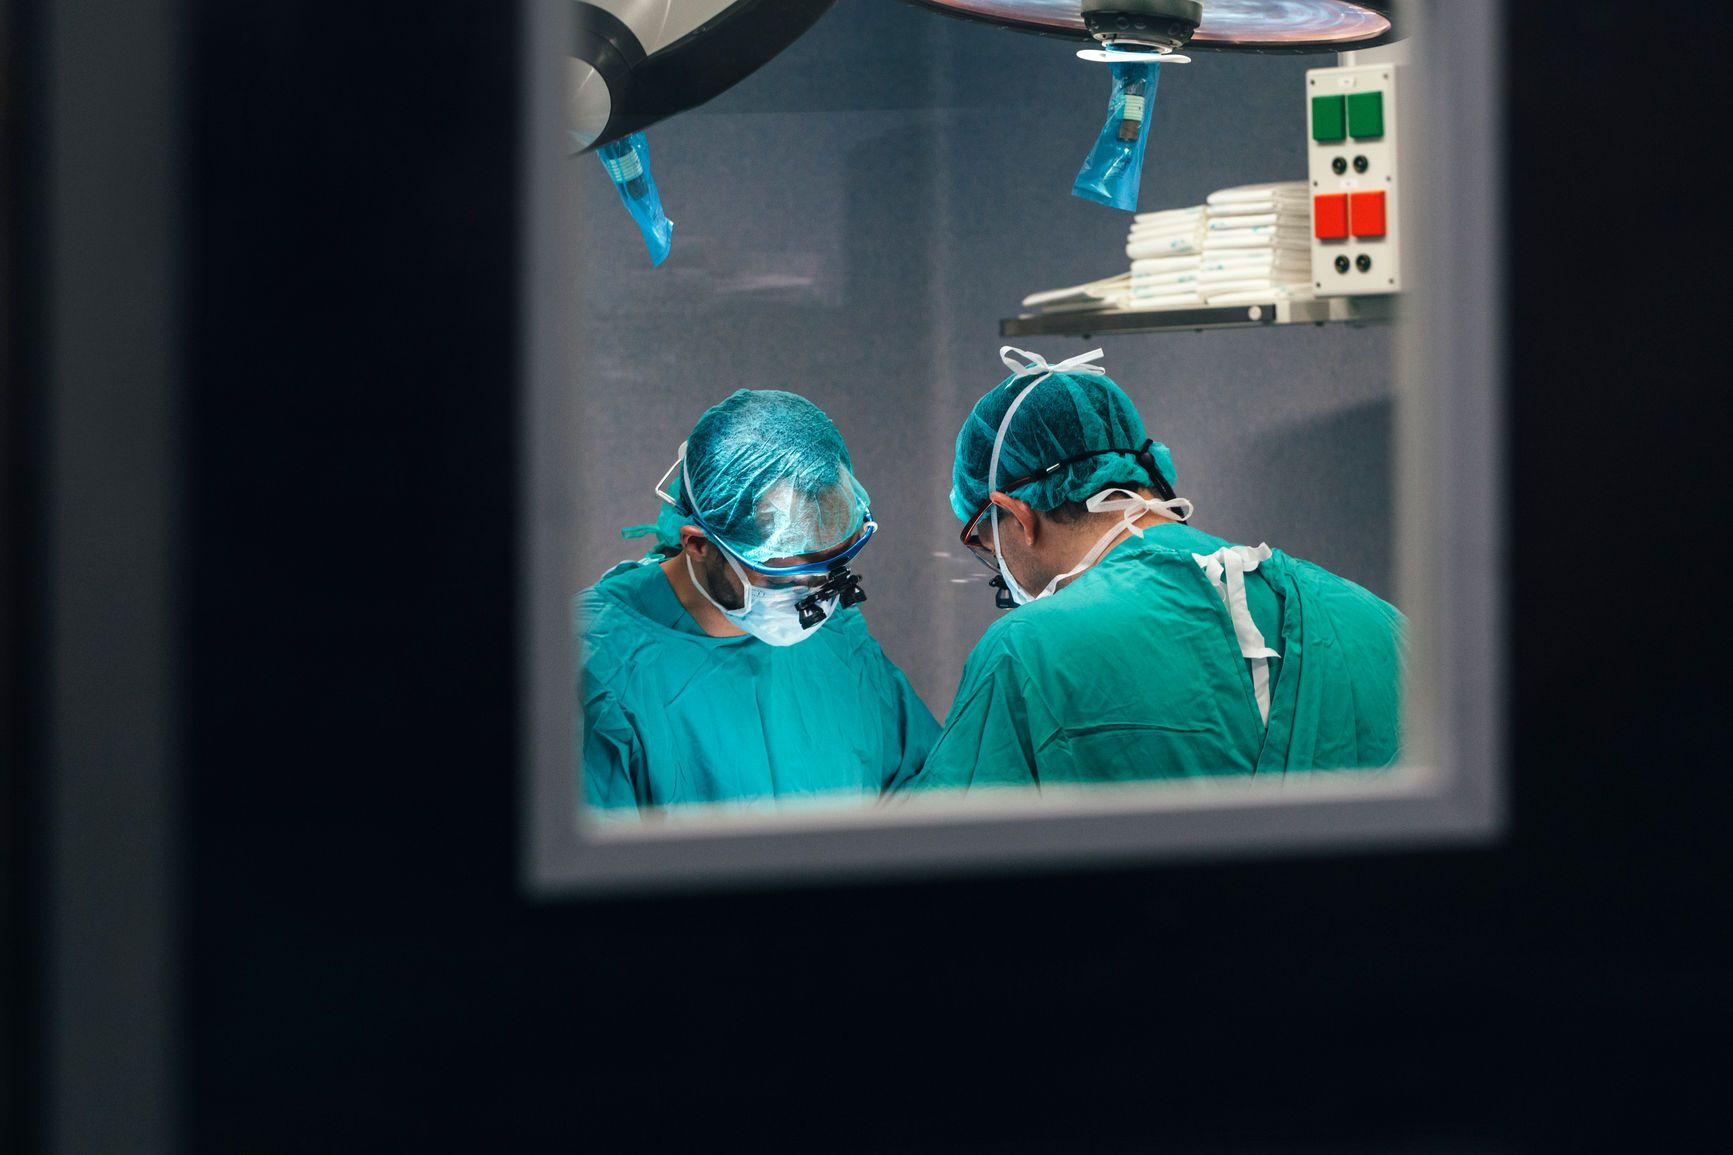 este posibil să transplantăm un penis dimensiunea penisului unui tătar